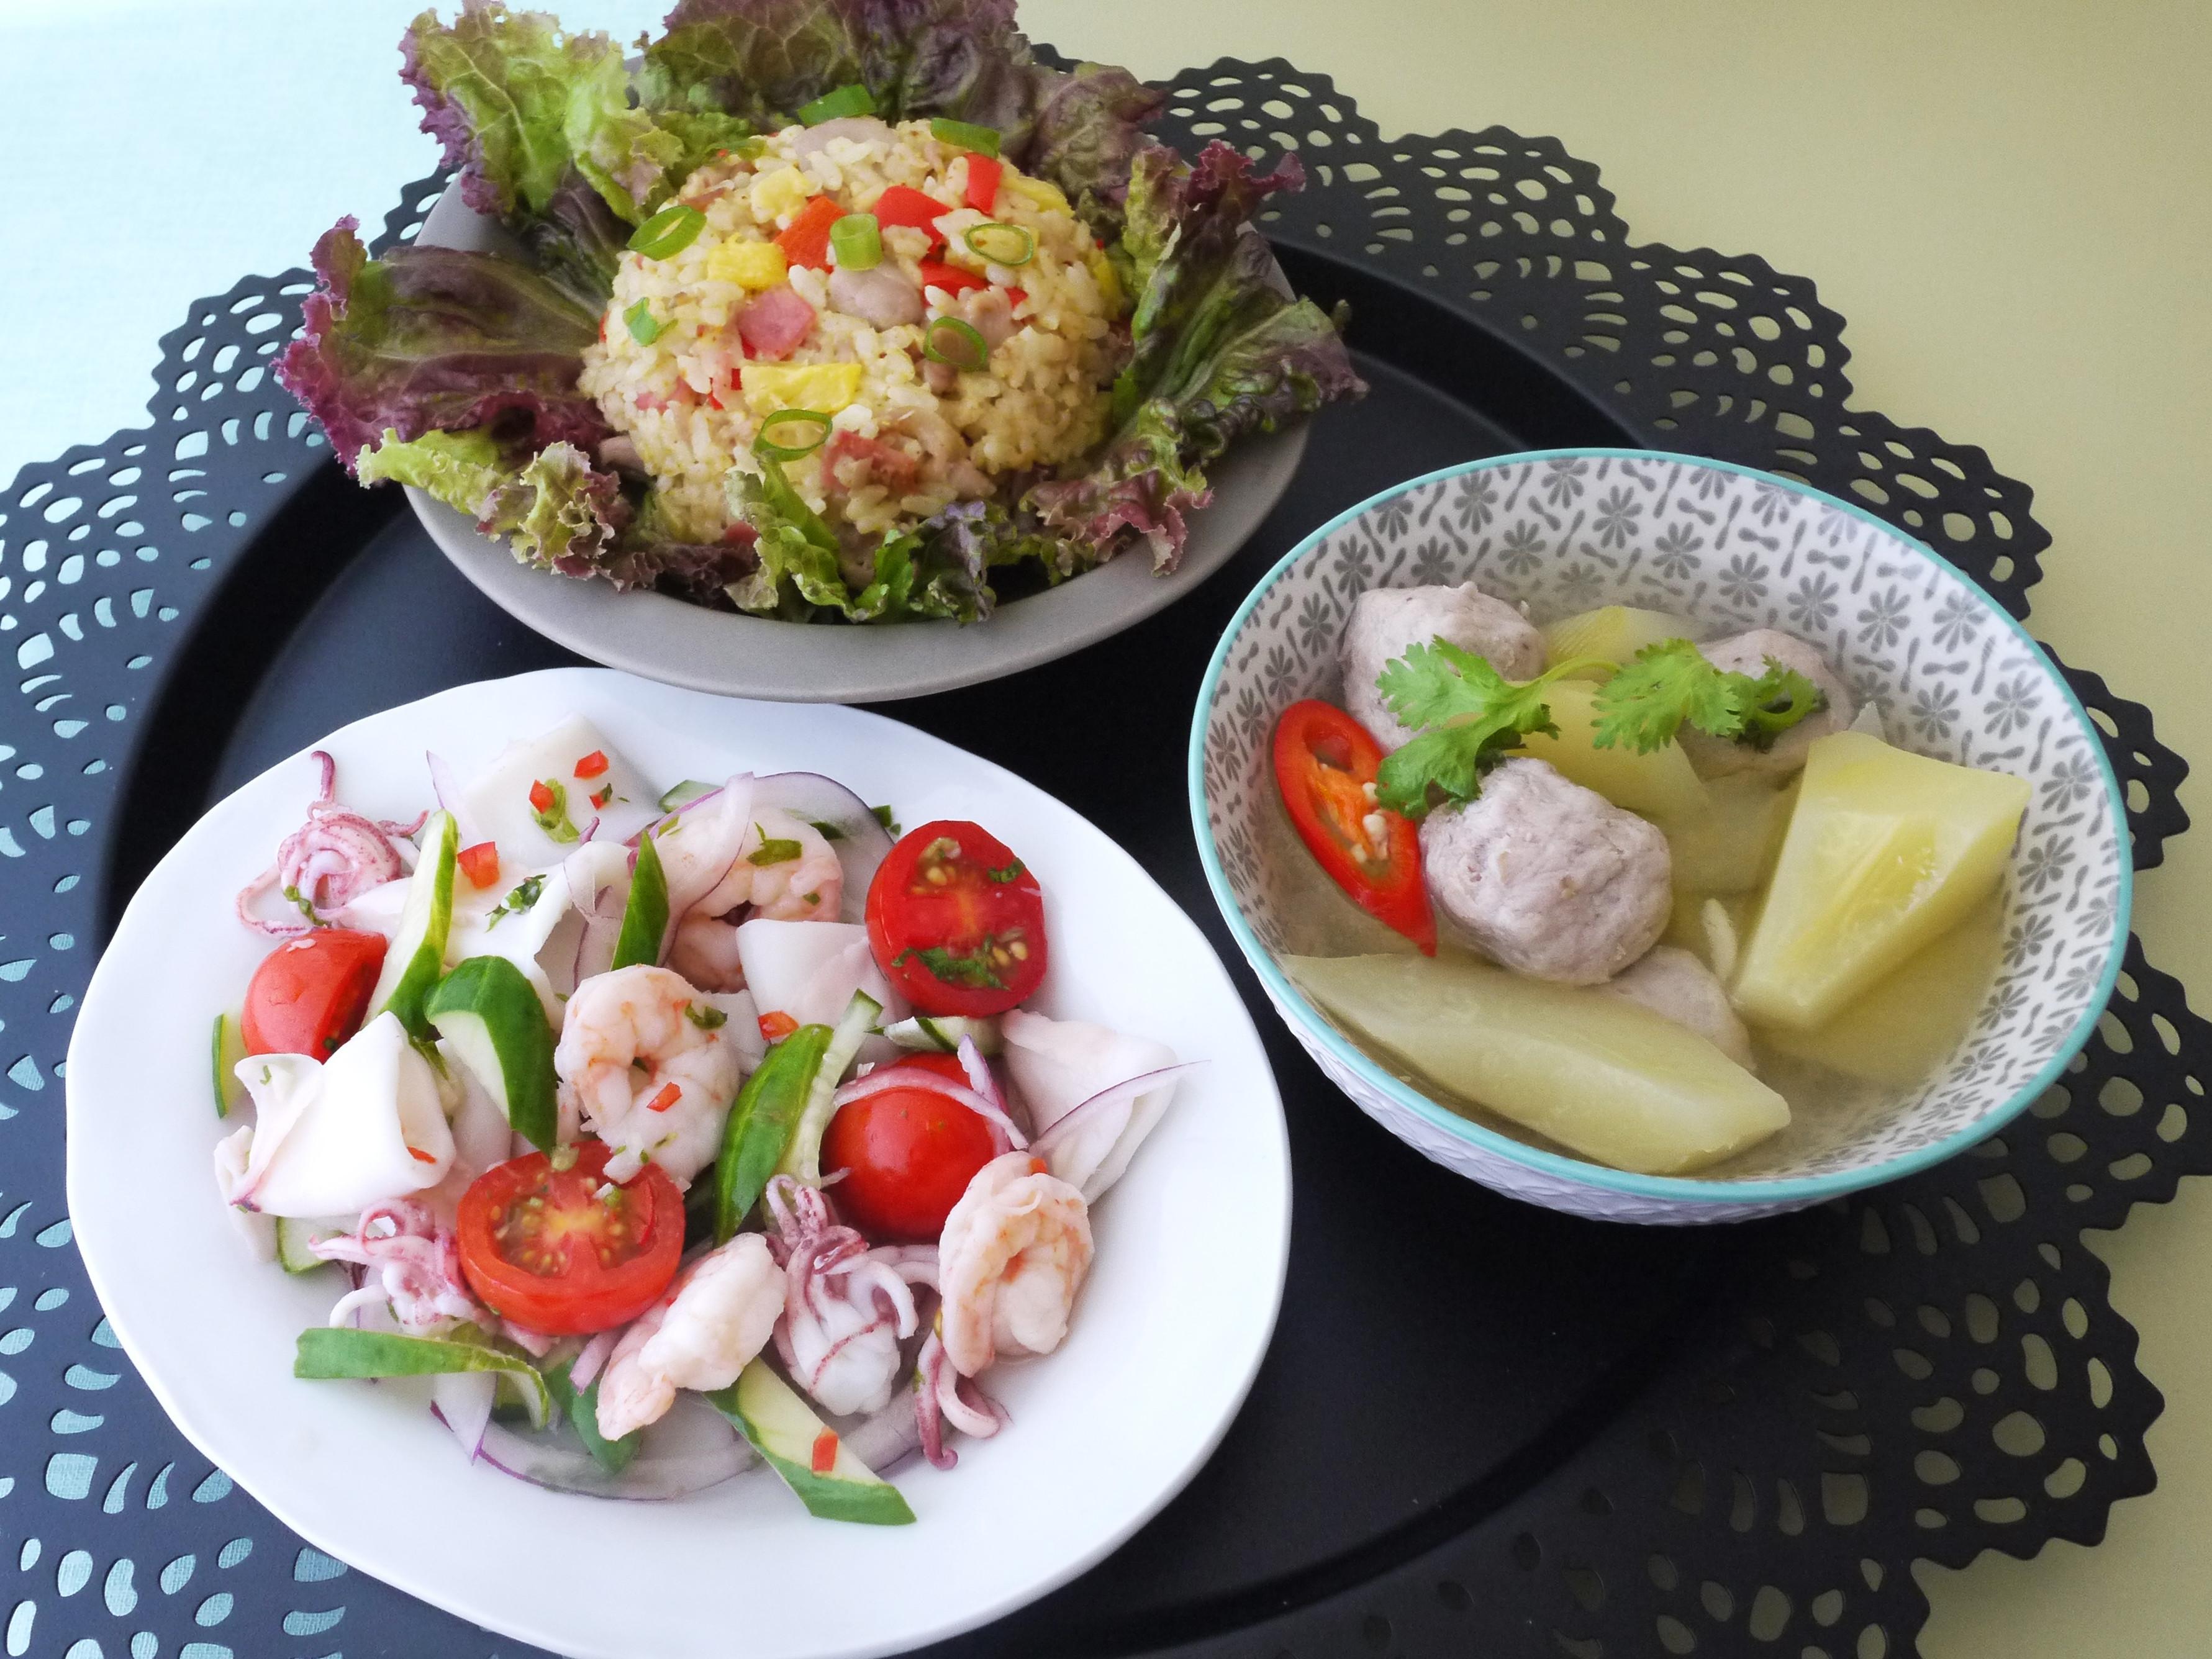 一鍋上桌:涼拌海鮮+鳳梨炒飯+青木瓜湯